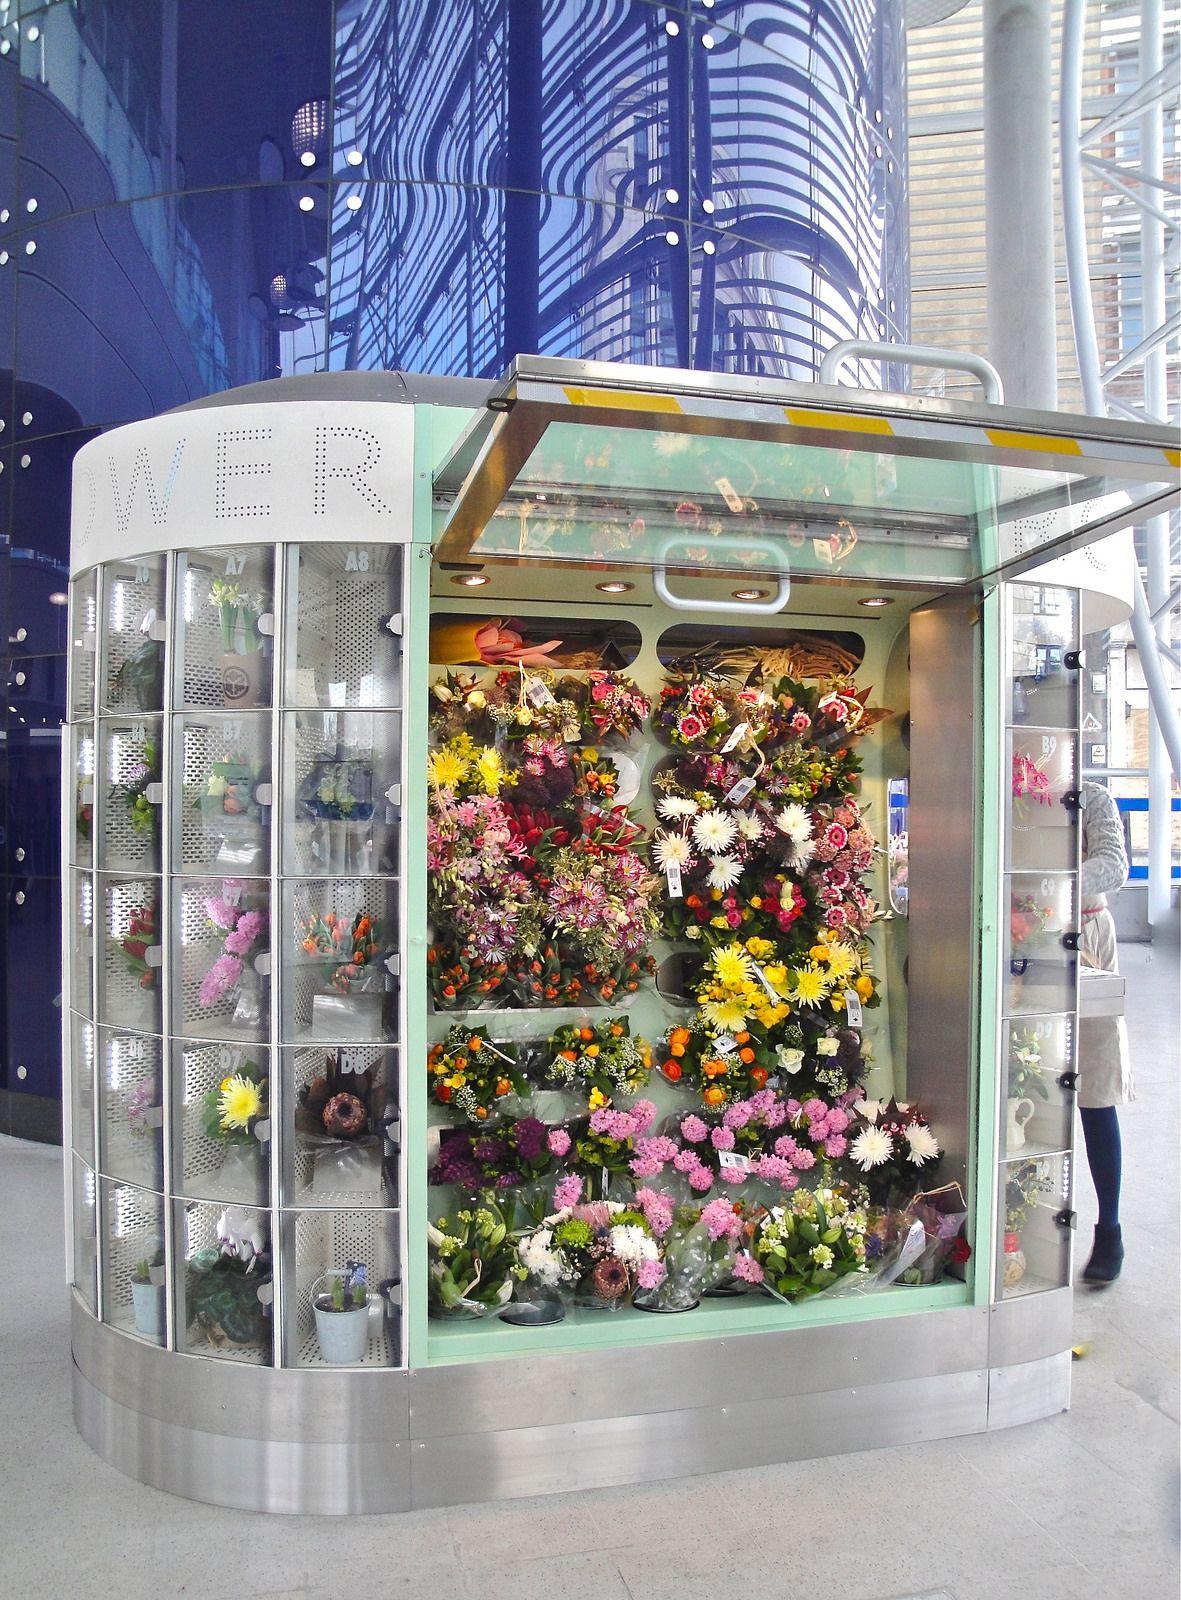 Tfl Image Flower Kiosk Vending Machine 2 Transport For London Flickr Flower Shop Design Flower Shop Interiors Flower Shop Display